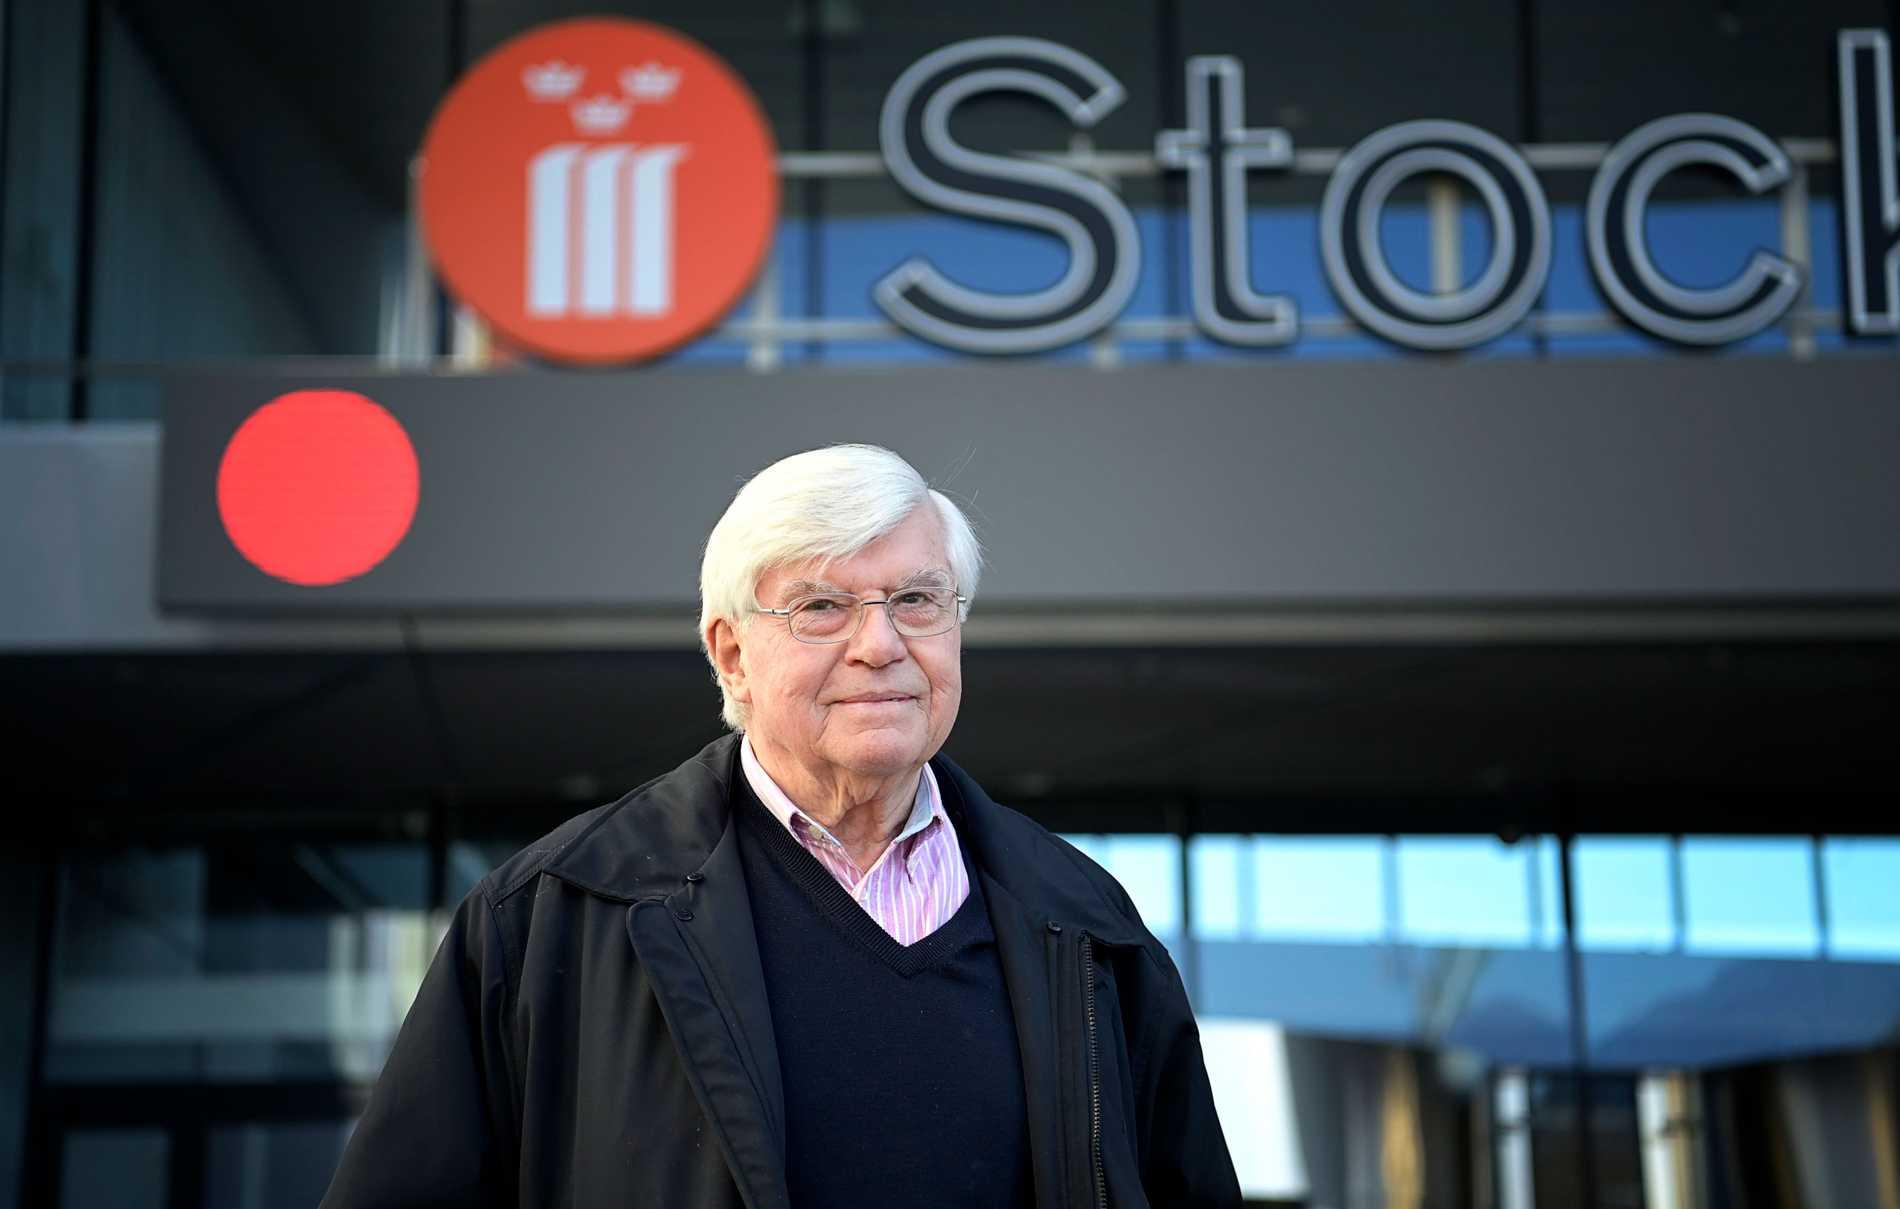 K-G Lindvall, 77, tycker inte att regionen varit tydlig inför vaccinationen. Han blev istället informerad via sin åldersförening.